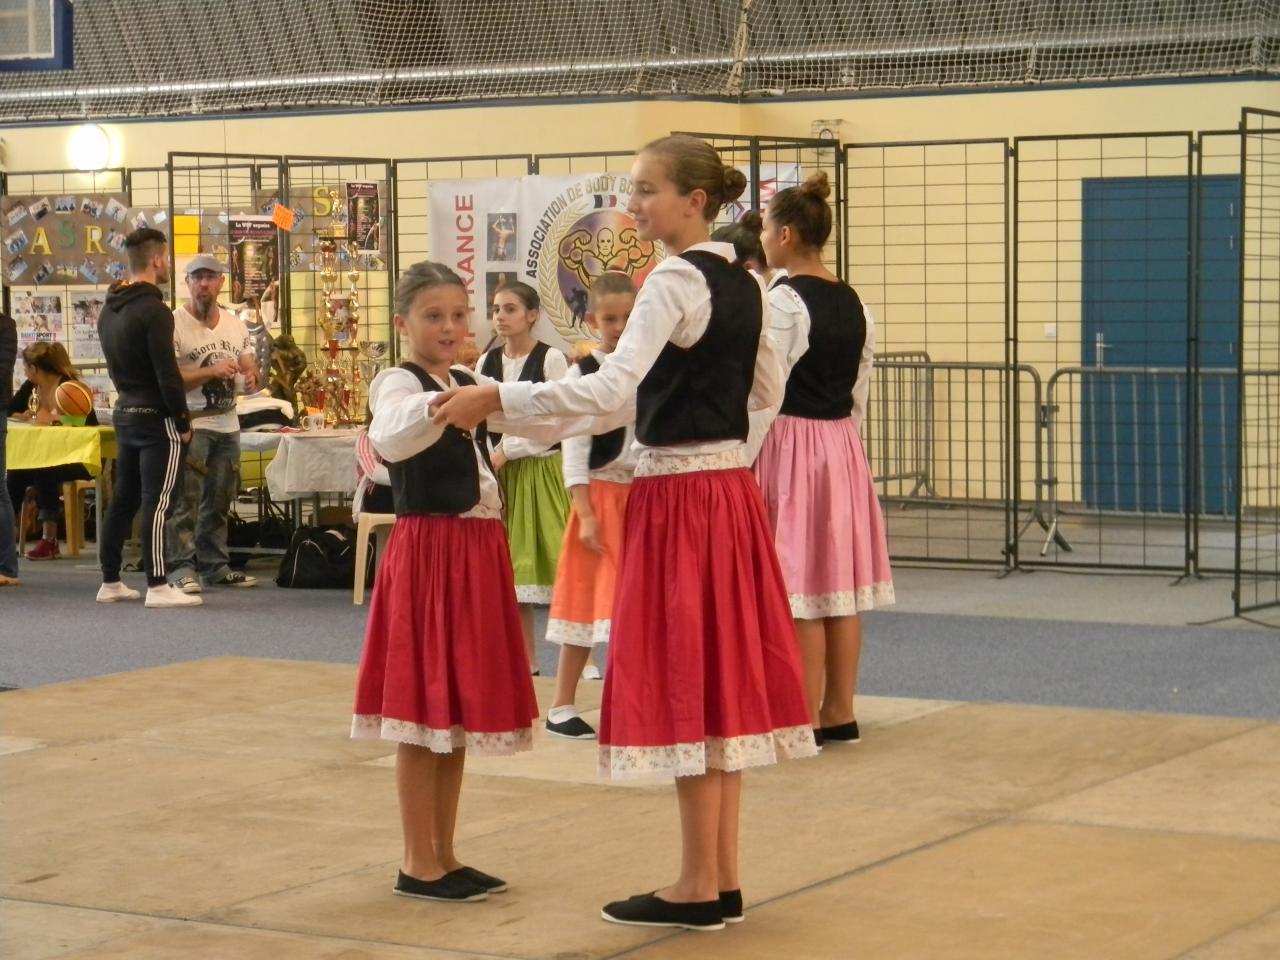 Kreuz Polka (Allemagne)